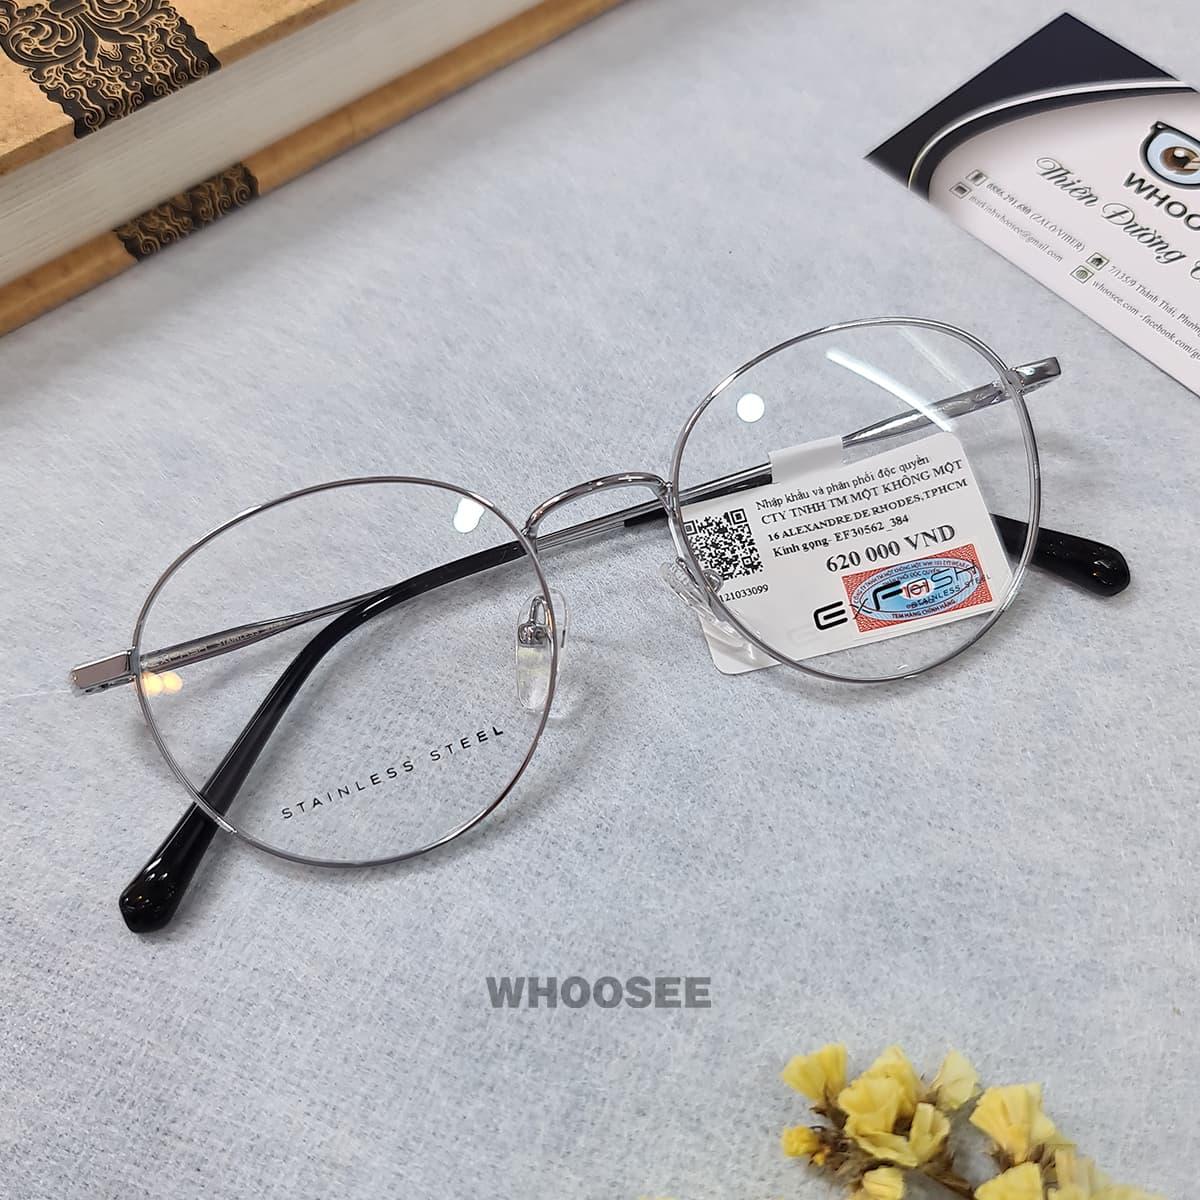 gọng kính cận kim loại màu trắng bạc ef30562 384 exfash